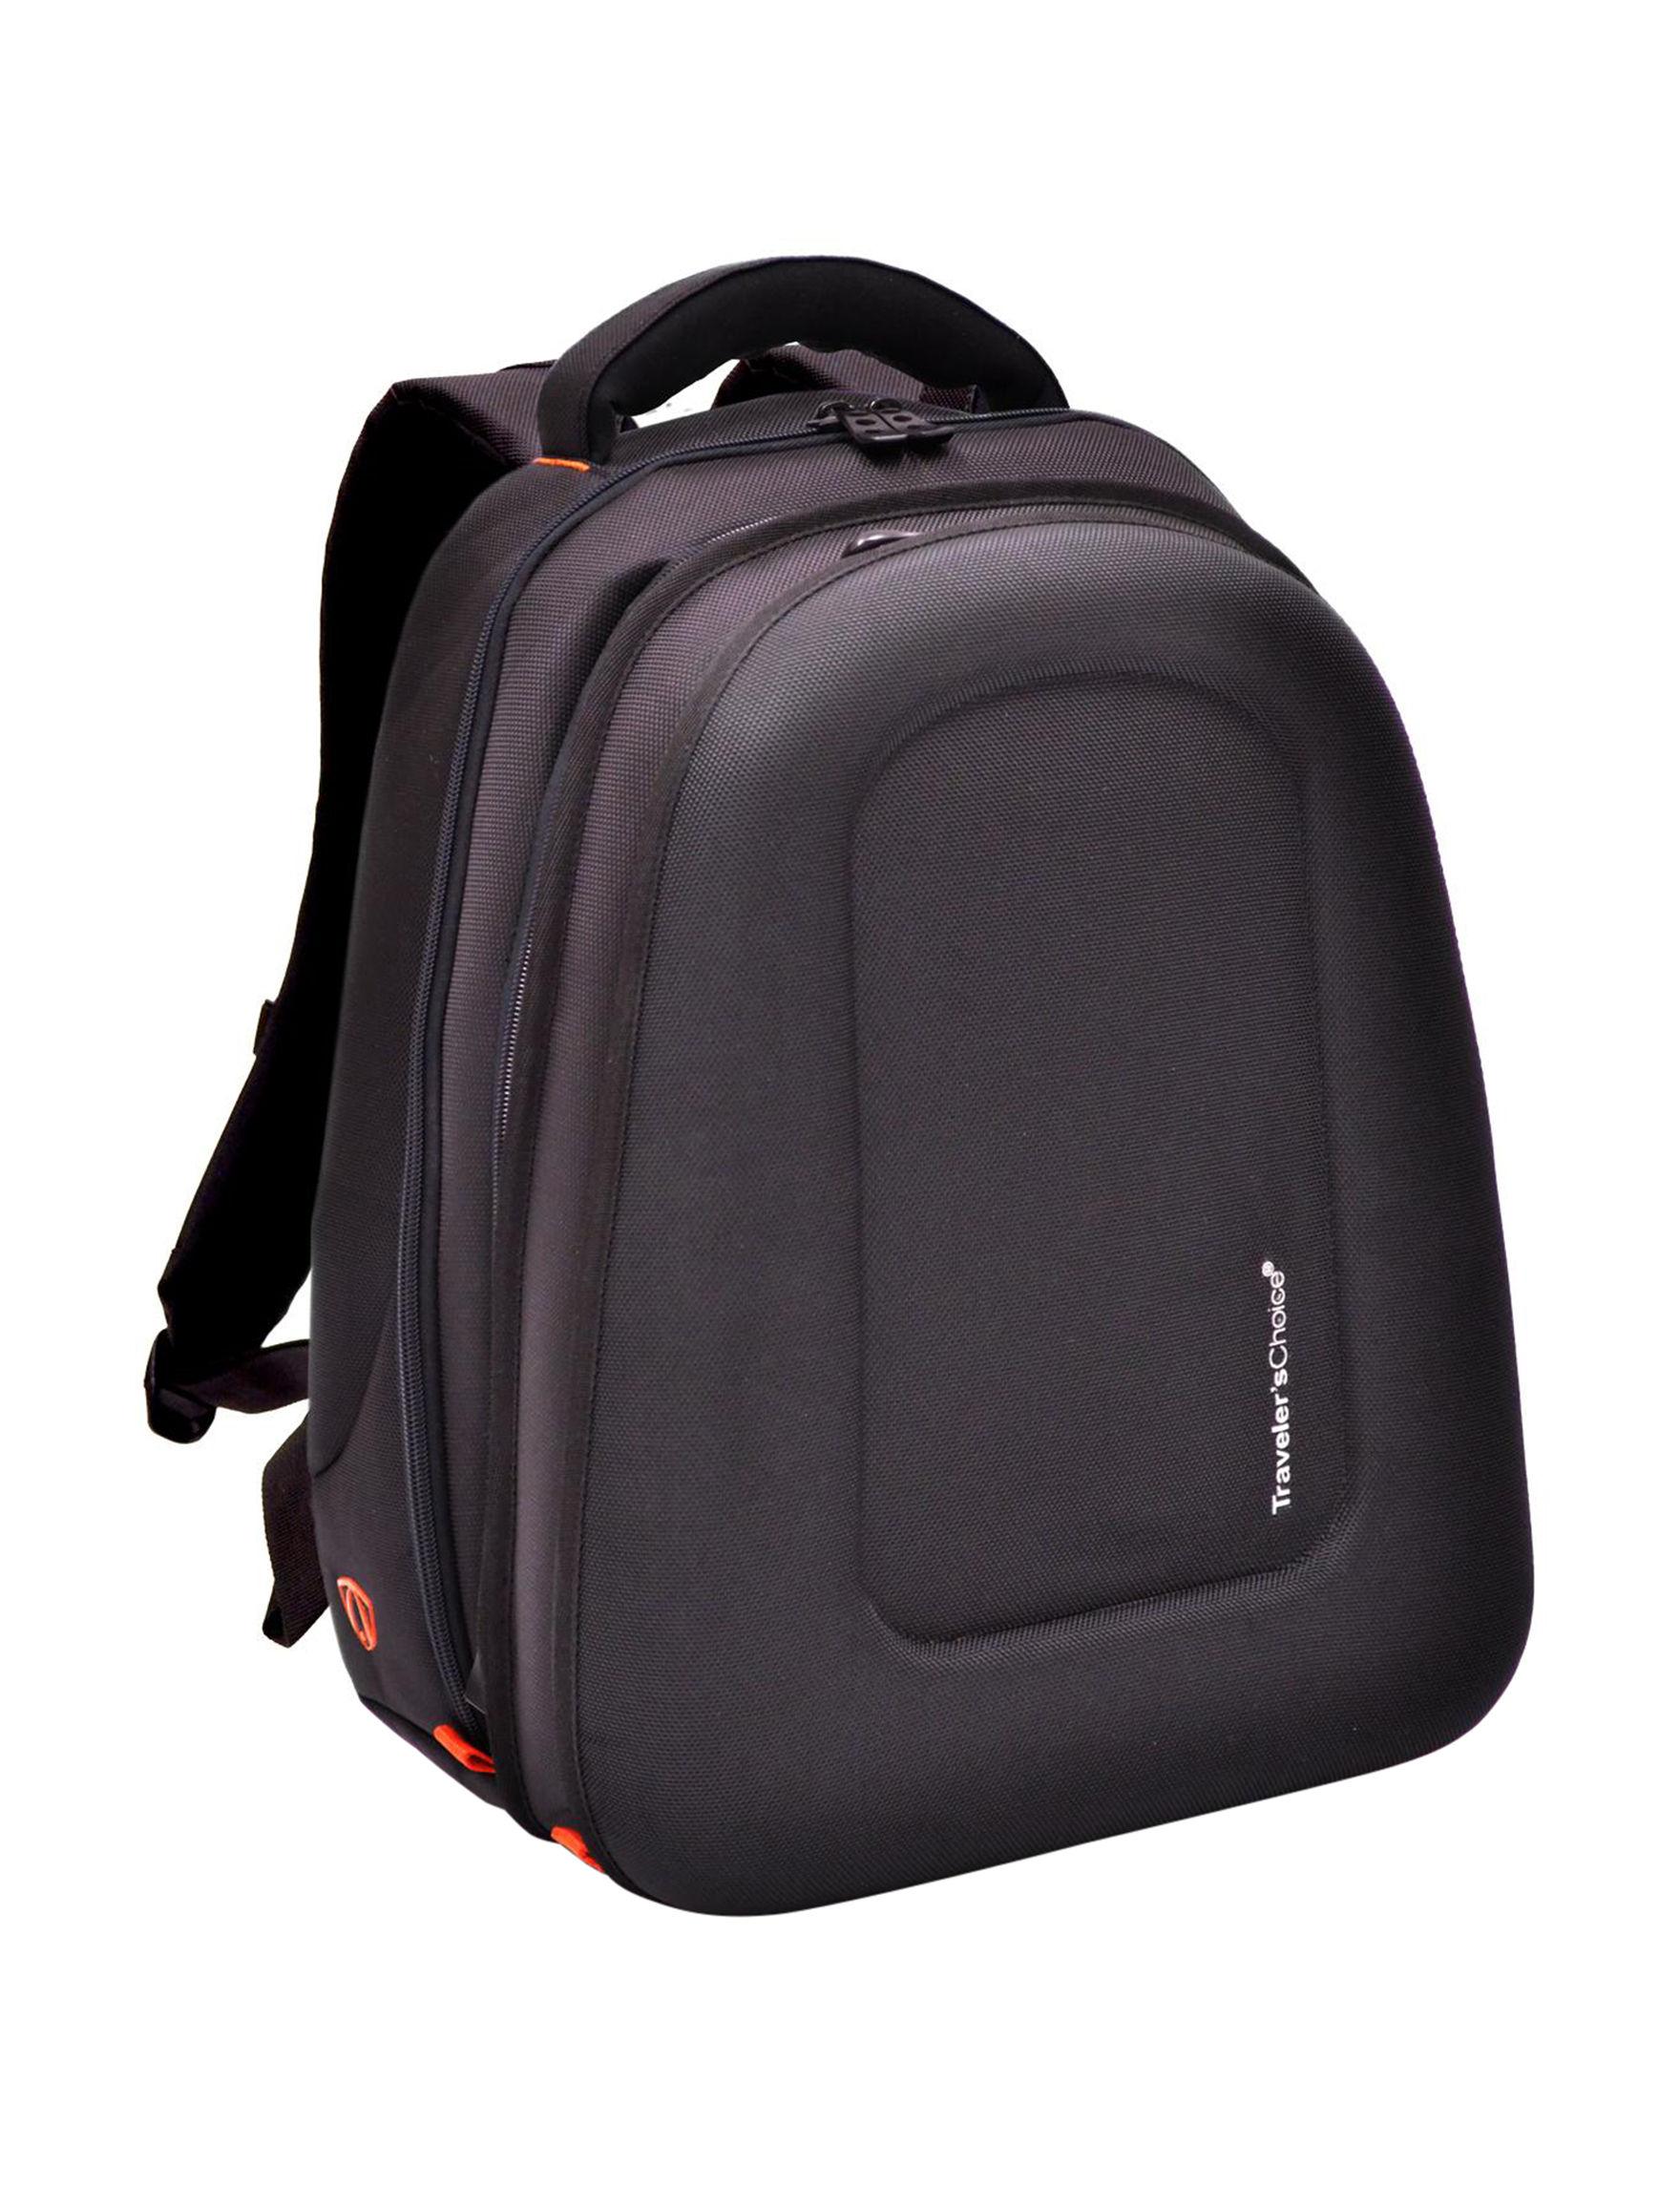 Travelers Choice Black Bookbags & Backpacks Weekend Bags